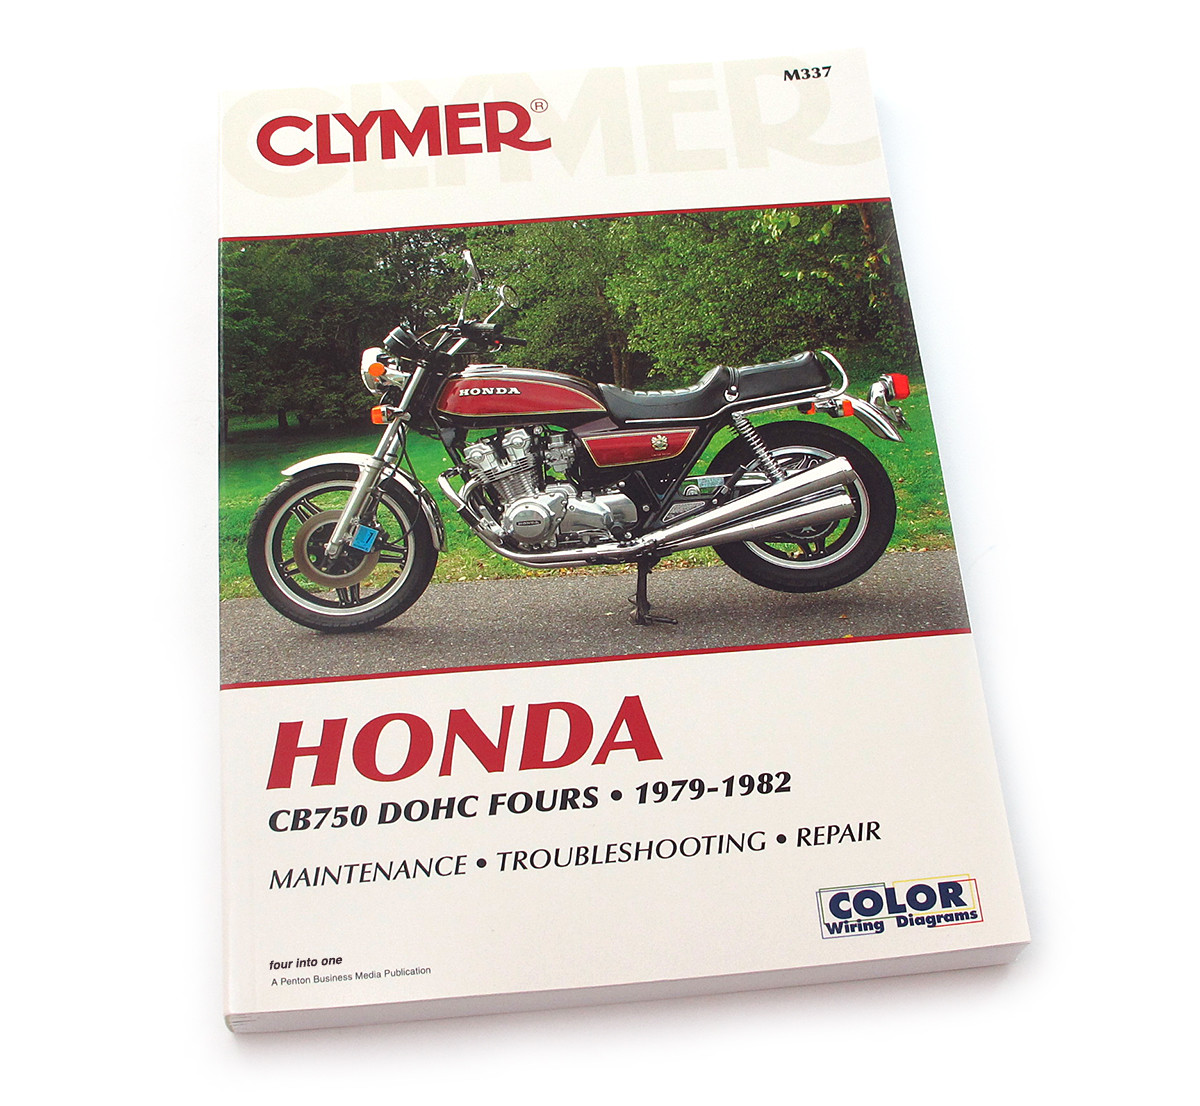 medium resolution of clymer manual honda cb750 dohc fours 1979 1982